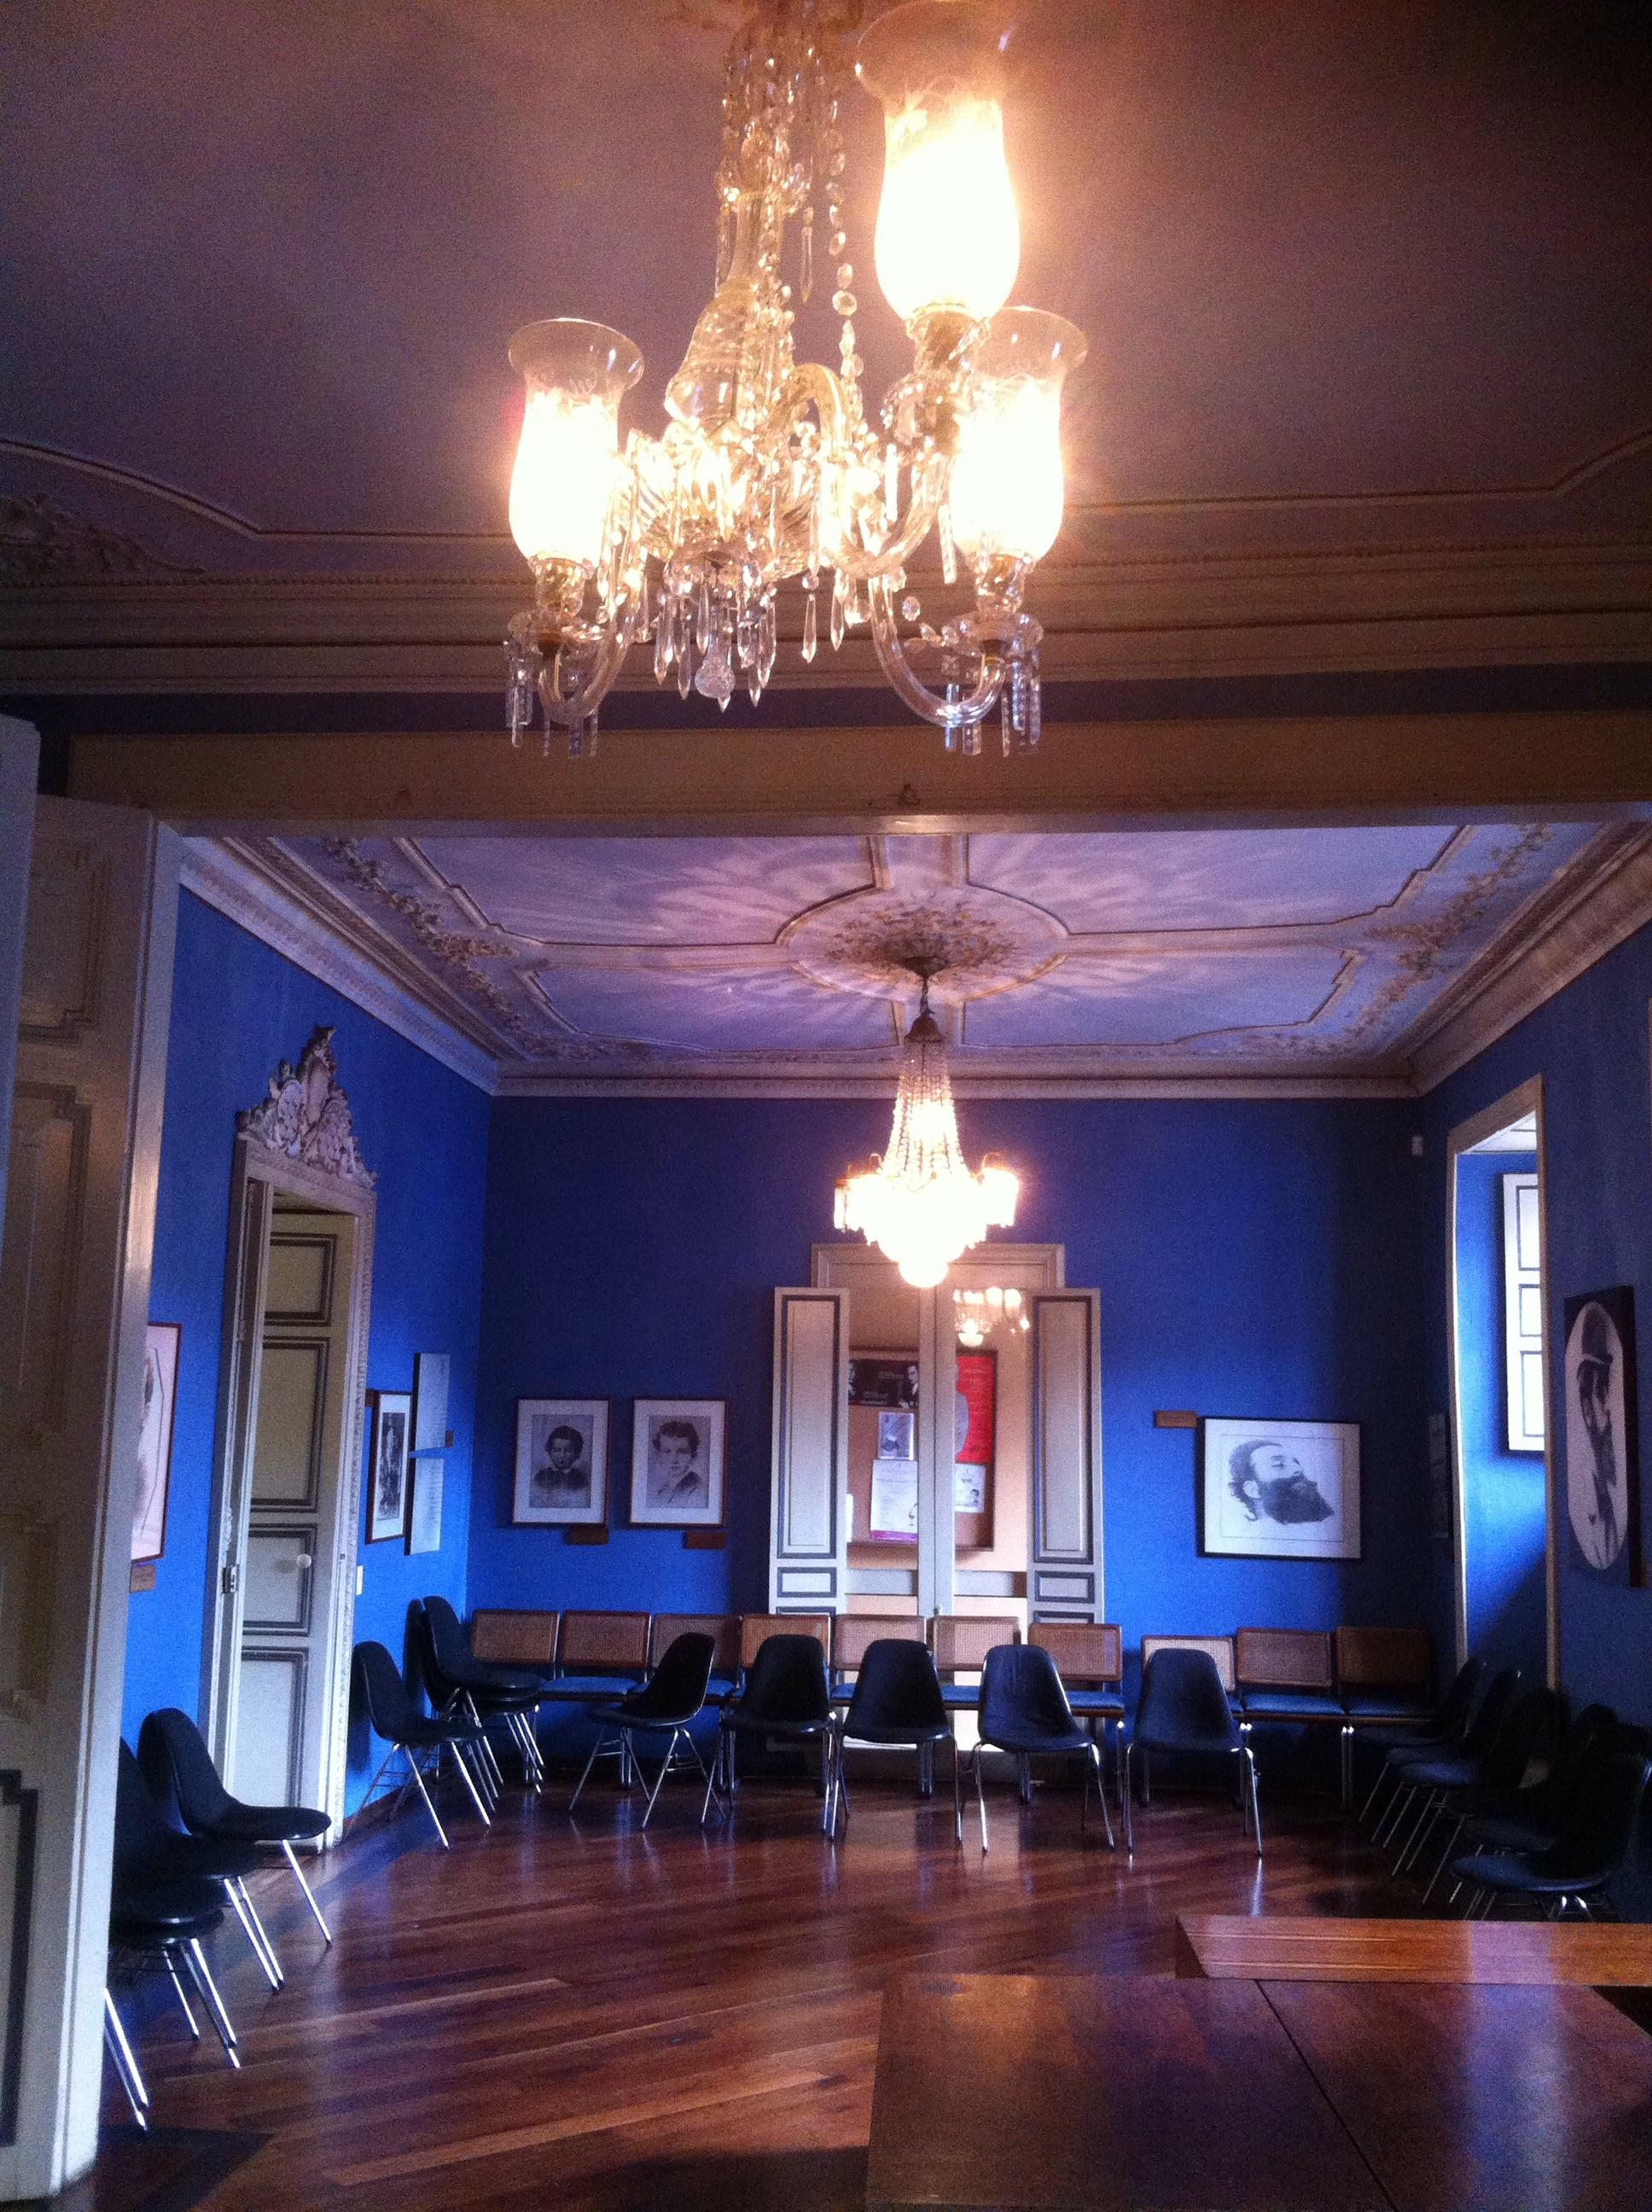 Auditorio de la Casa de Poesía Silva